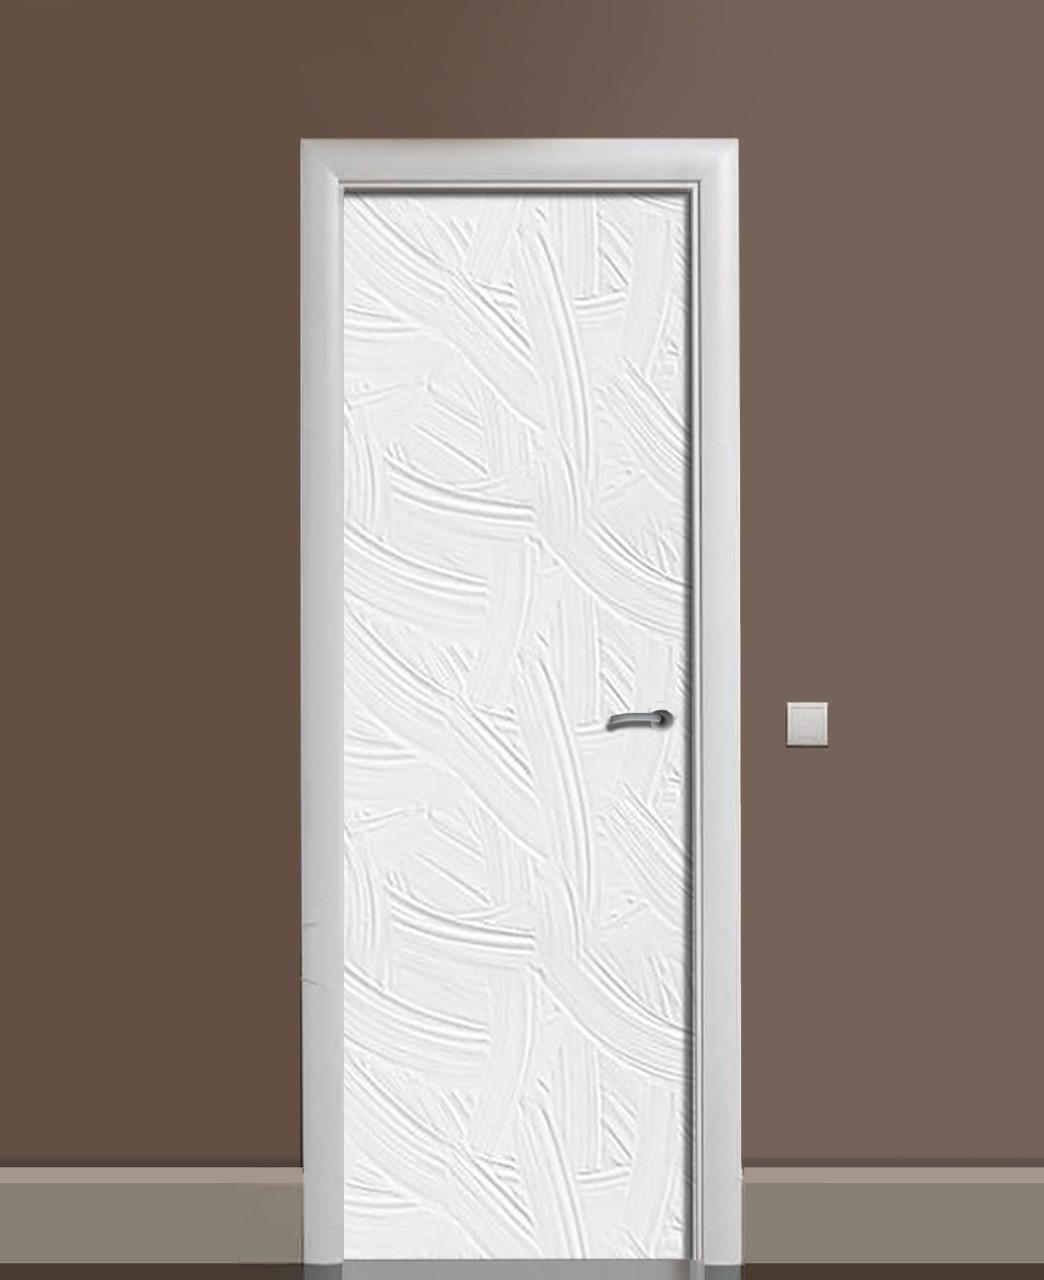 Декор двері Наклейка вінілова Великі мазки під штукатурку ПВХ плівка з ламінуванням 65*200см Текстура Білий